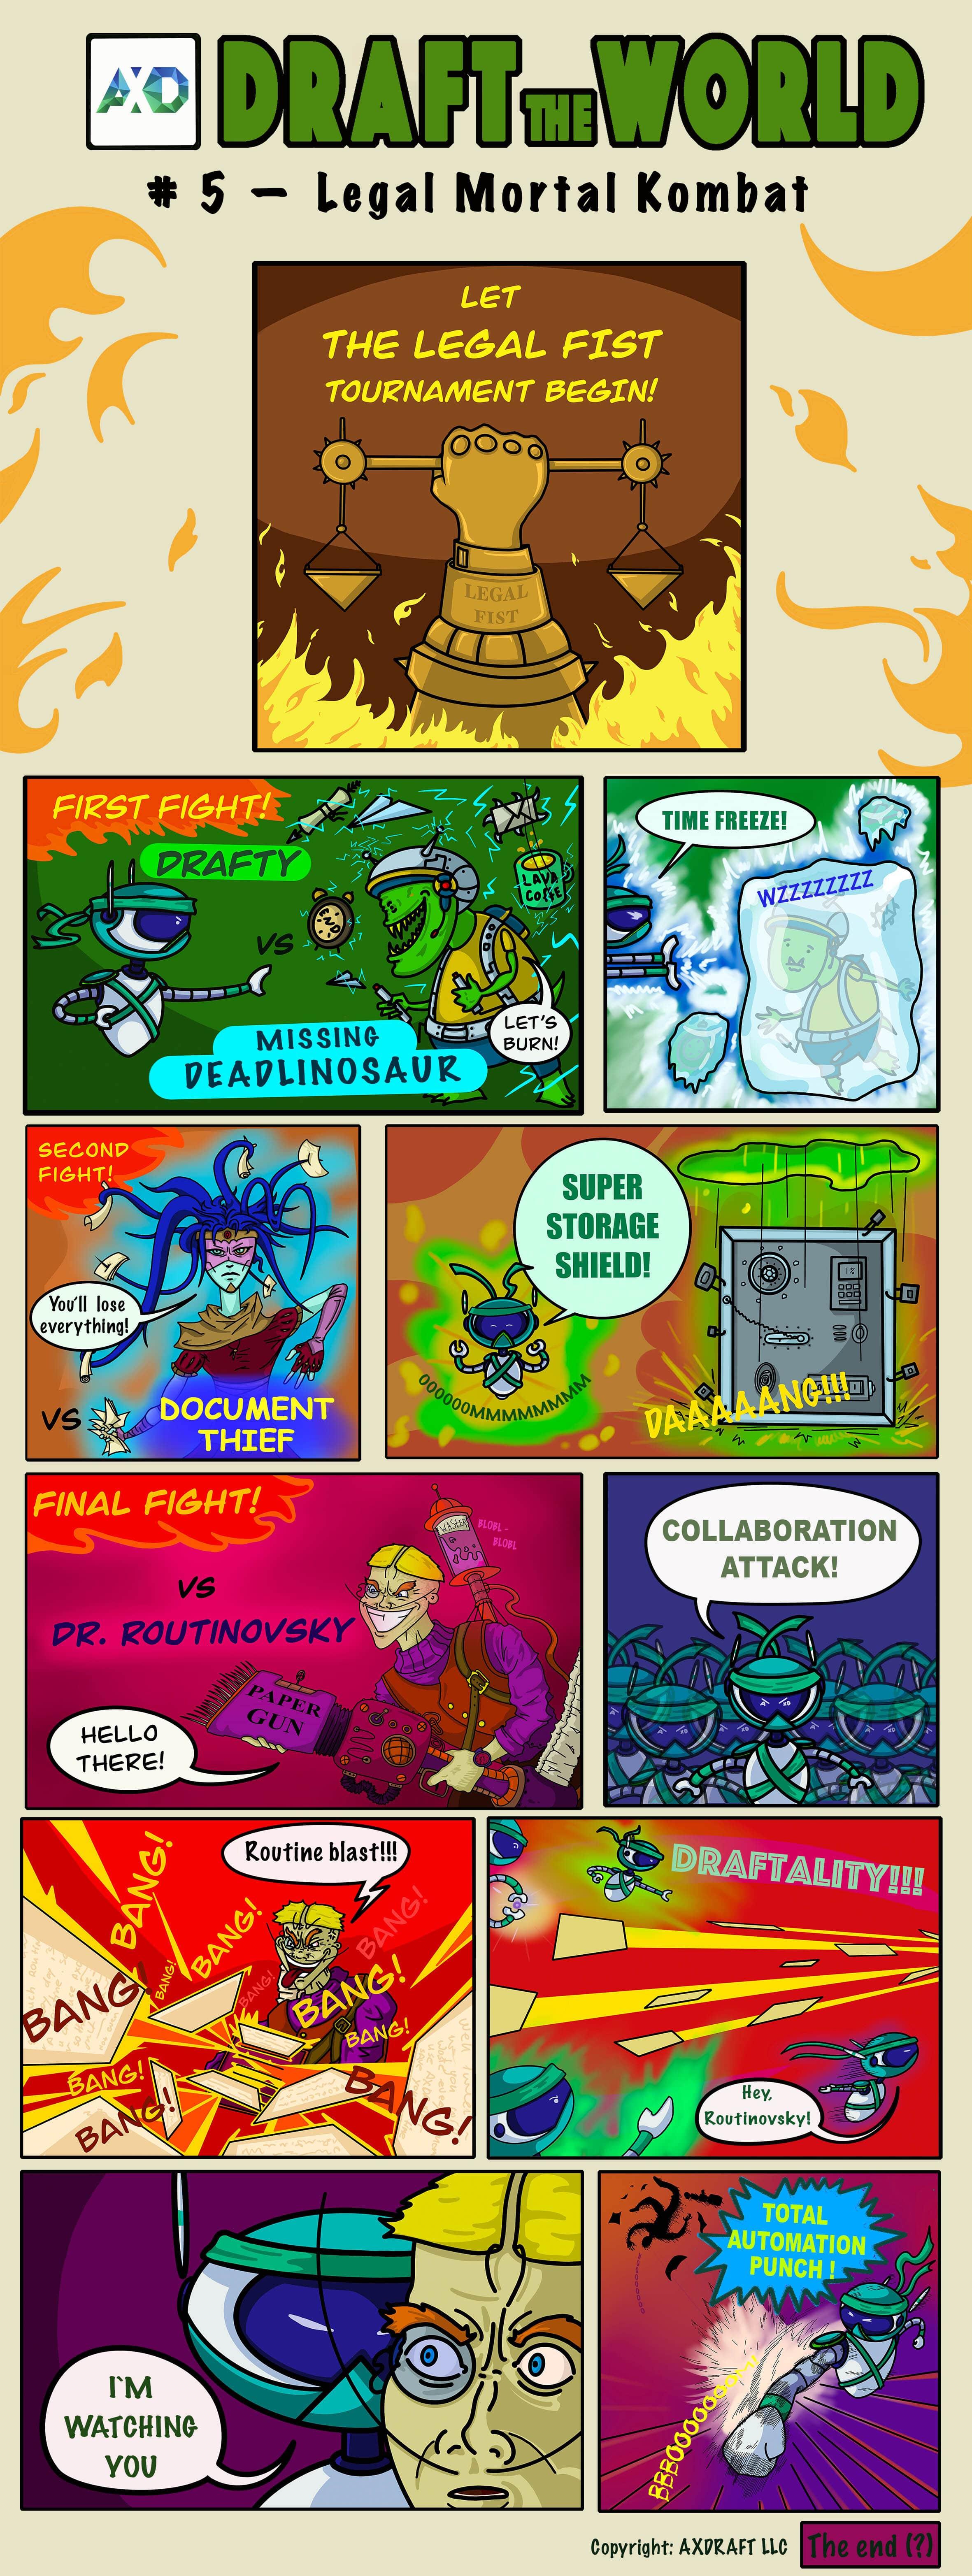 Draft the World comics by AXDRAFT - Legal Mortal Kombat